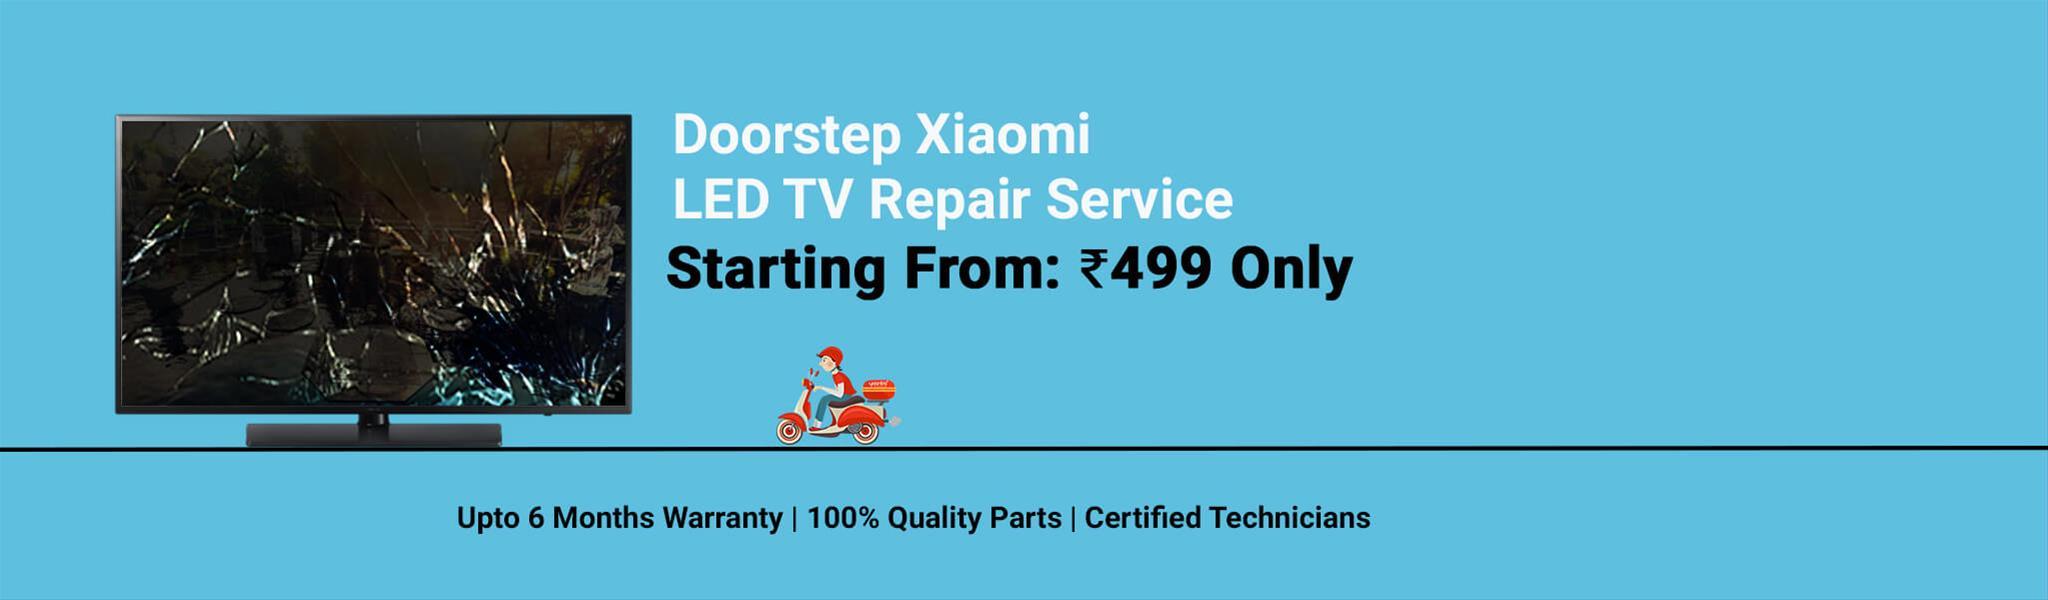 xiaomi-led-tv-repair.jpg